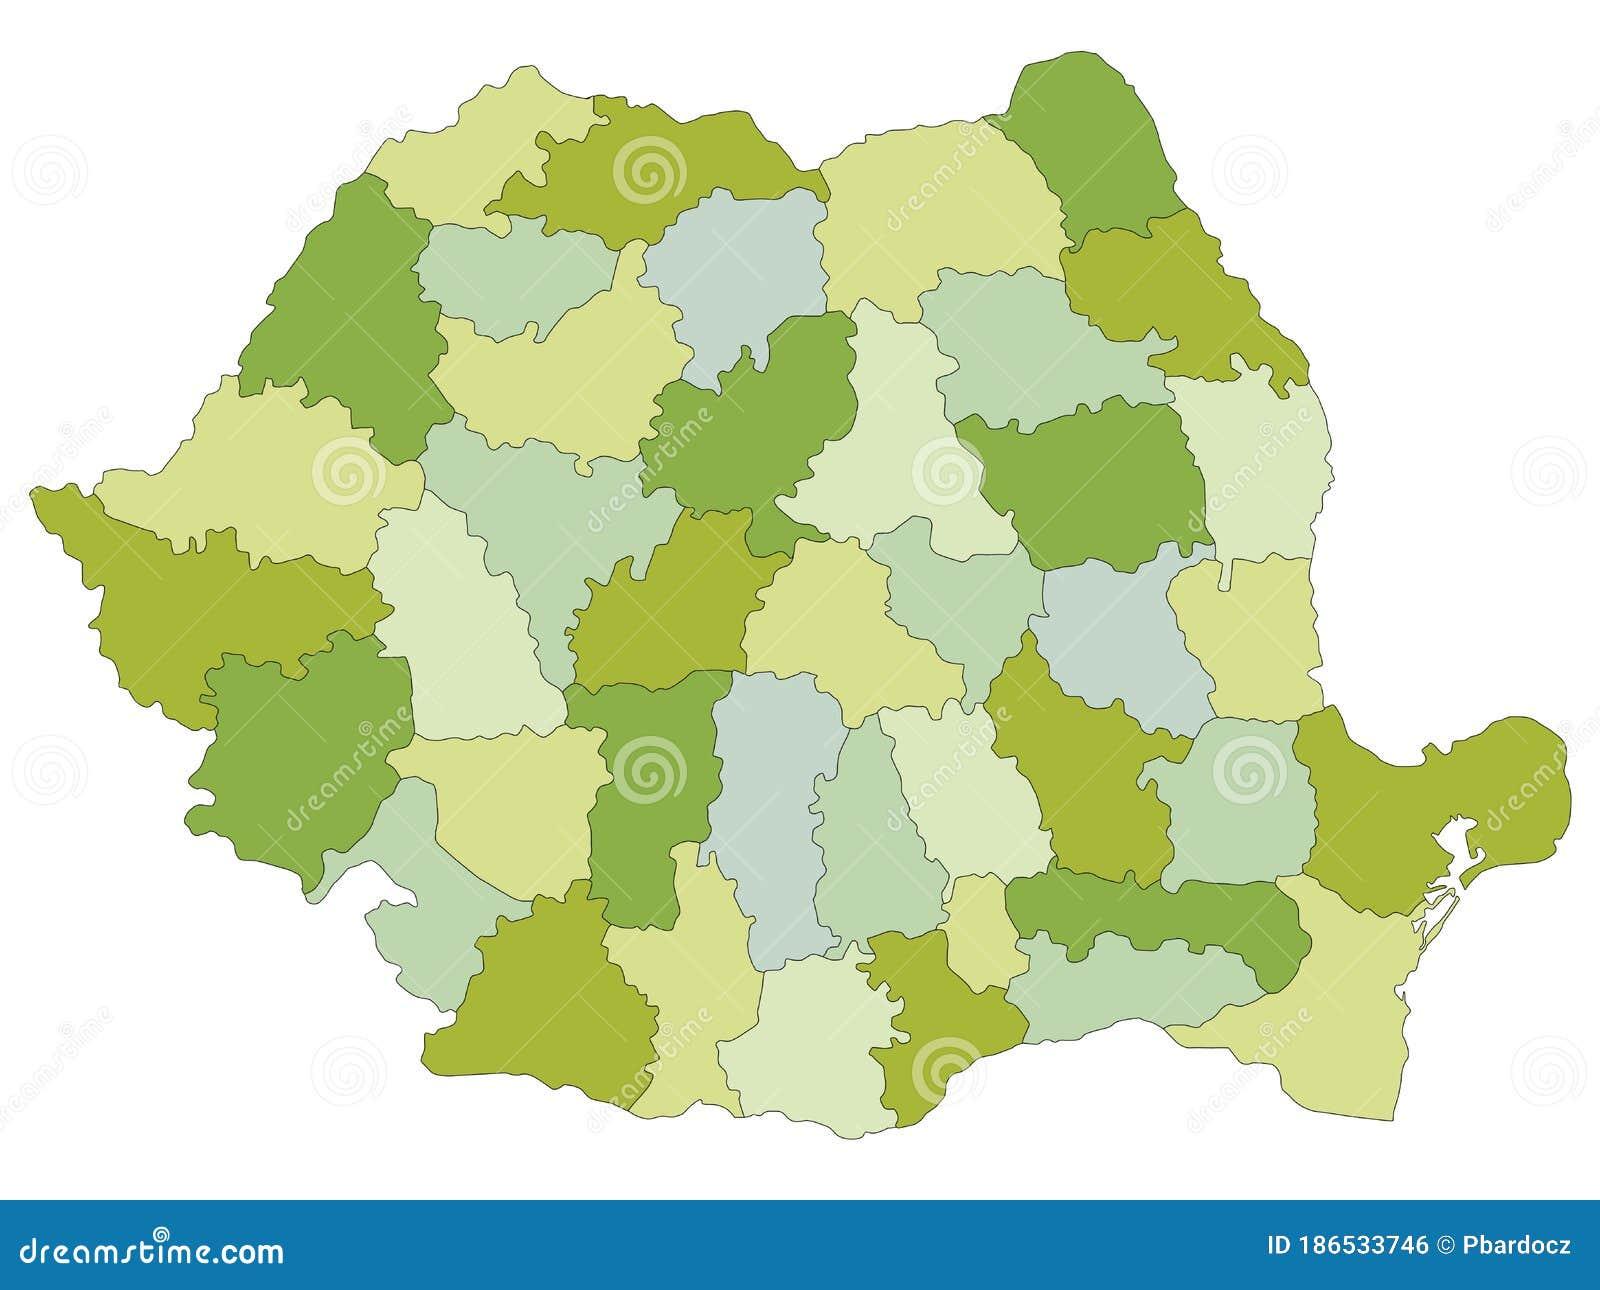 Cartina Dettagliata Romania.Mappa Politica Altamente Dettagliata E Modificabile Con Livelli Separati Romania Illustrazione Vettoriale Illustrazione Di Altamente Bucarest 186533746